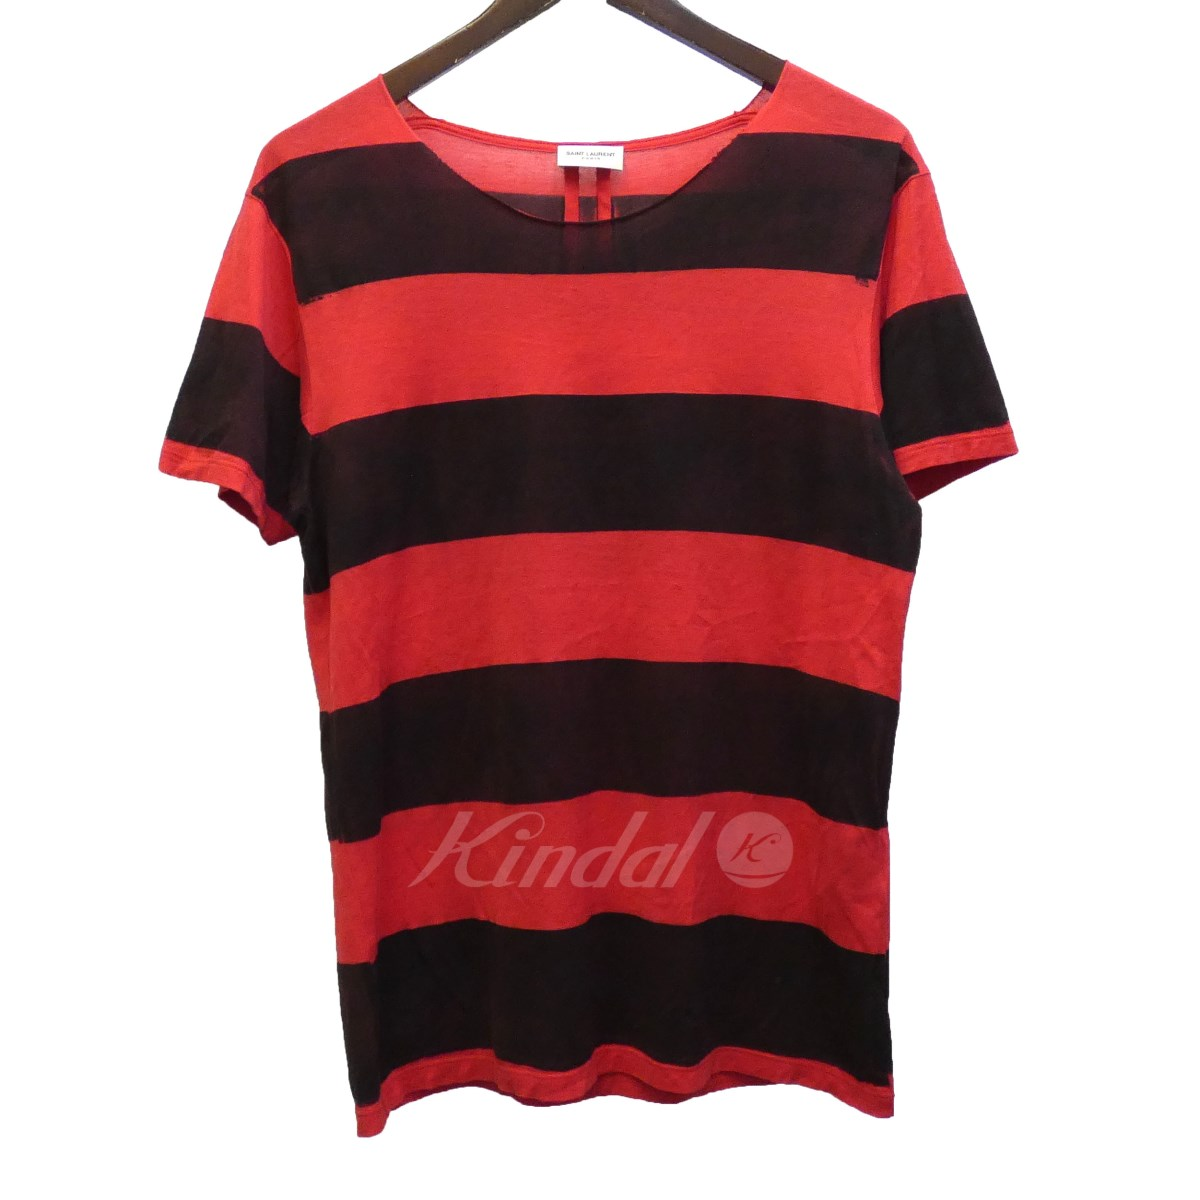 【中古】SAINT LAURENT PARIS 15AW 387885 ペイントボーダーTシャツ レッド×ブラック サイズ:XS 【190519】(サンローランパリ)